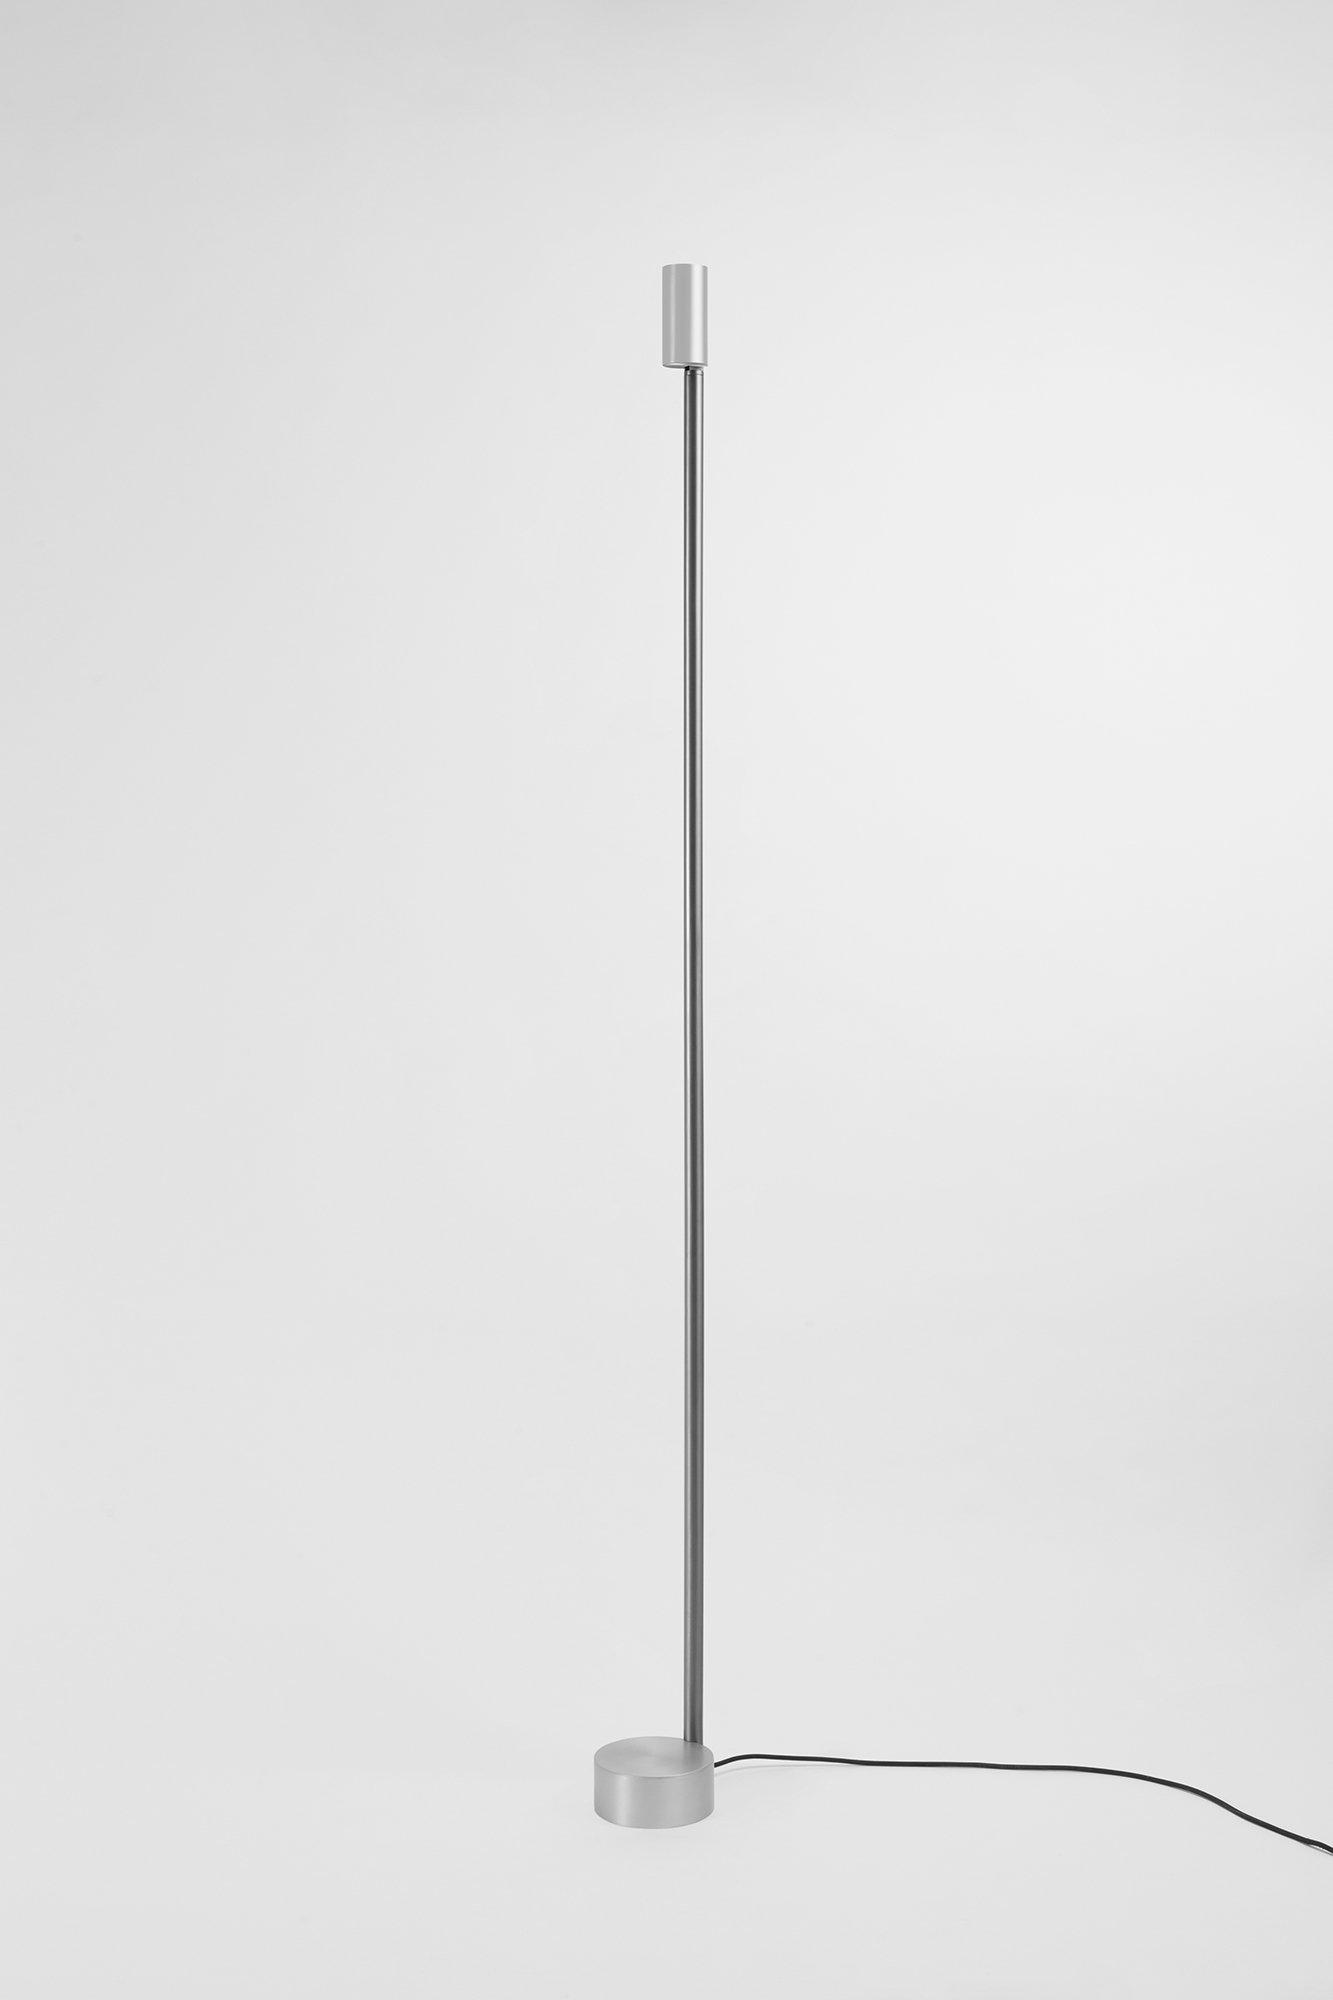 Ghan lampy